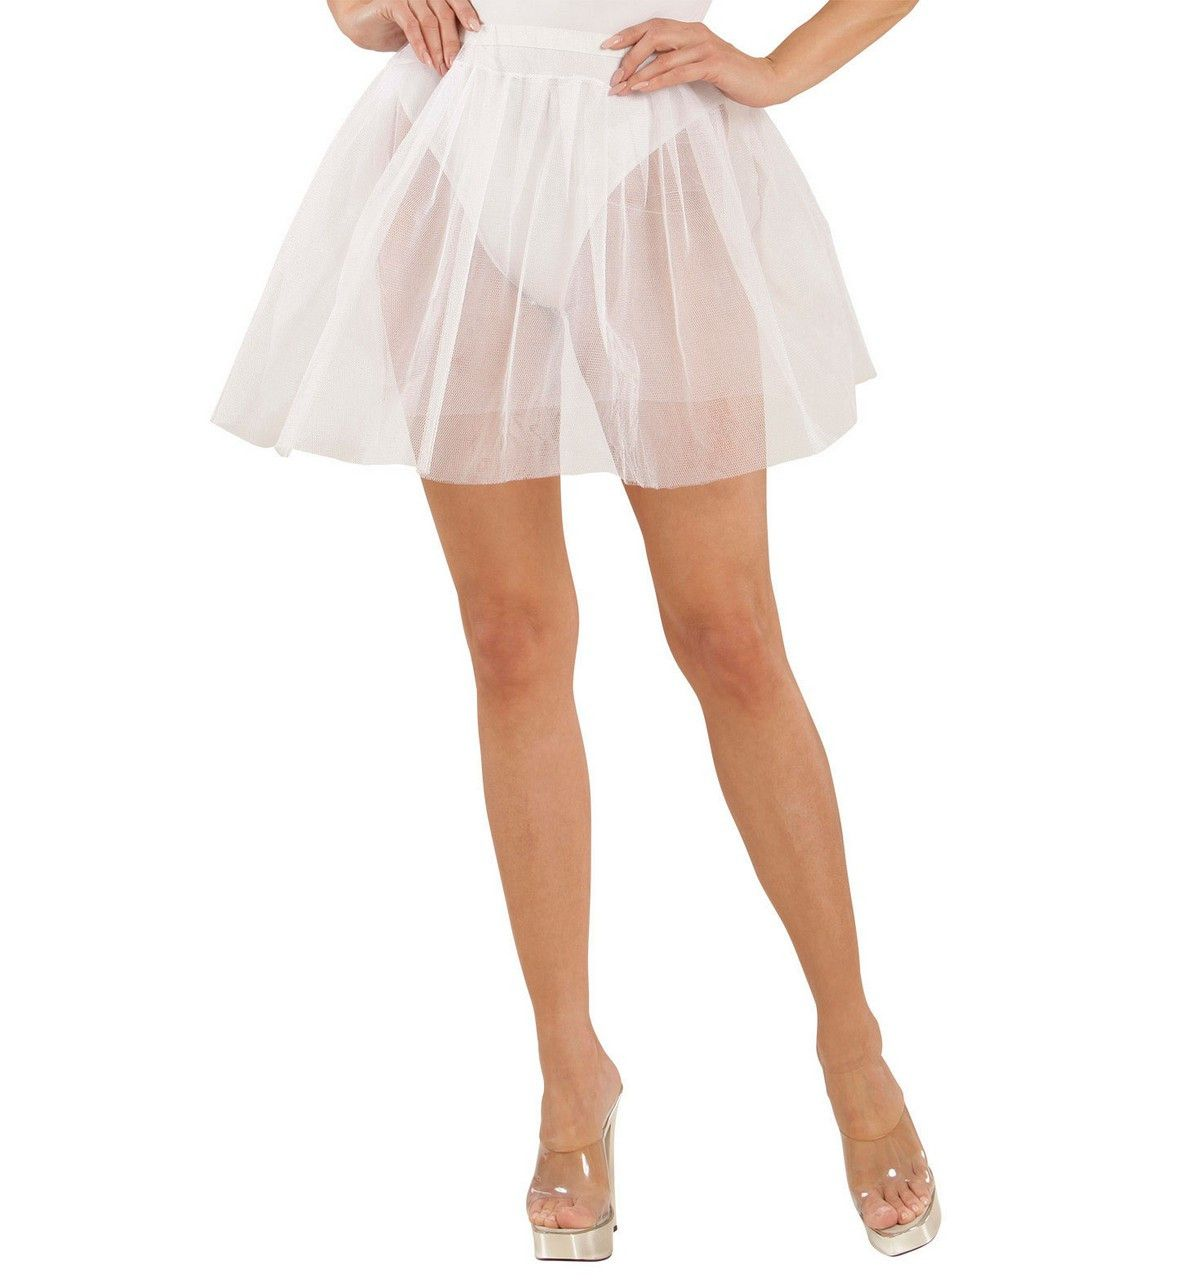 Doorschijnende Petticoat Wit